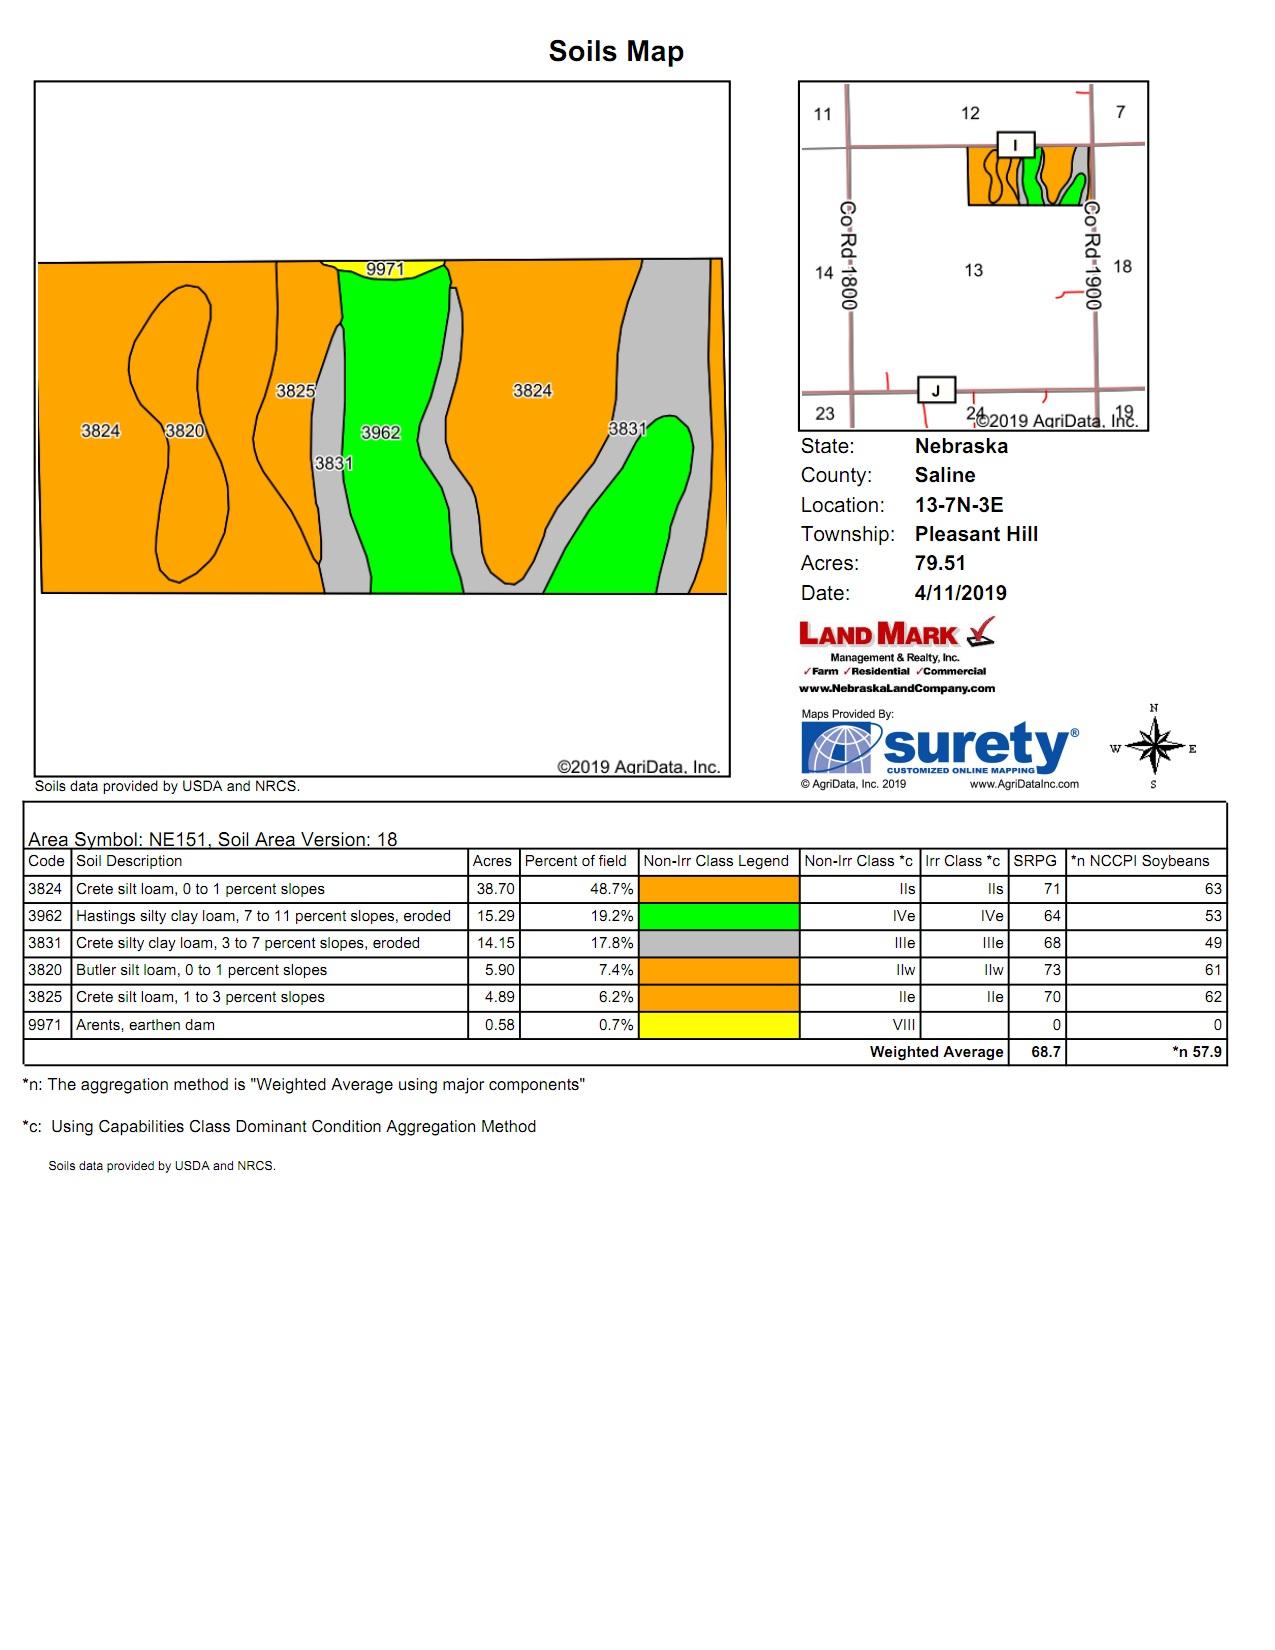 Mariska soil map.jpg